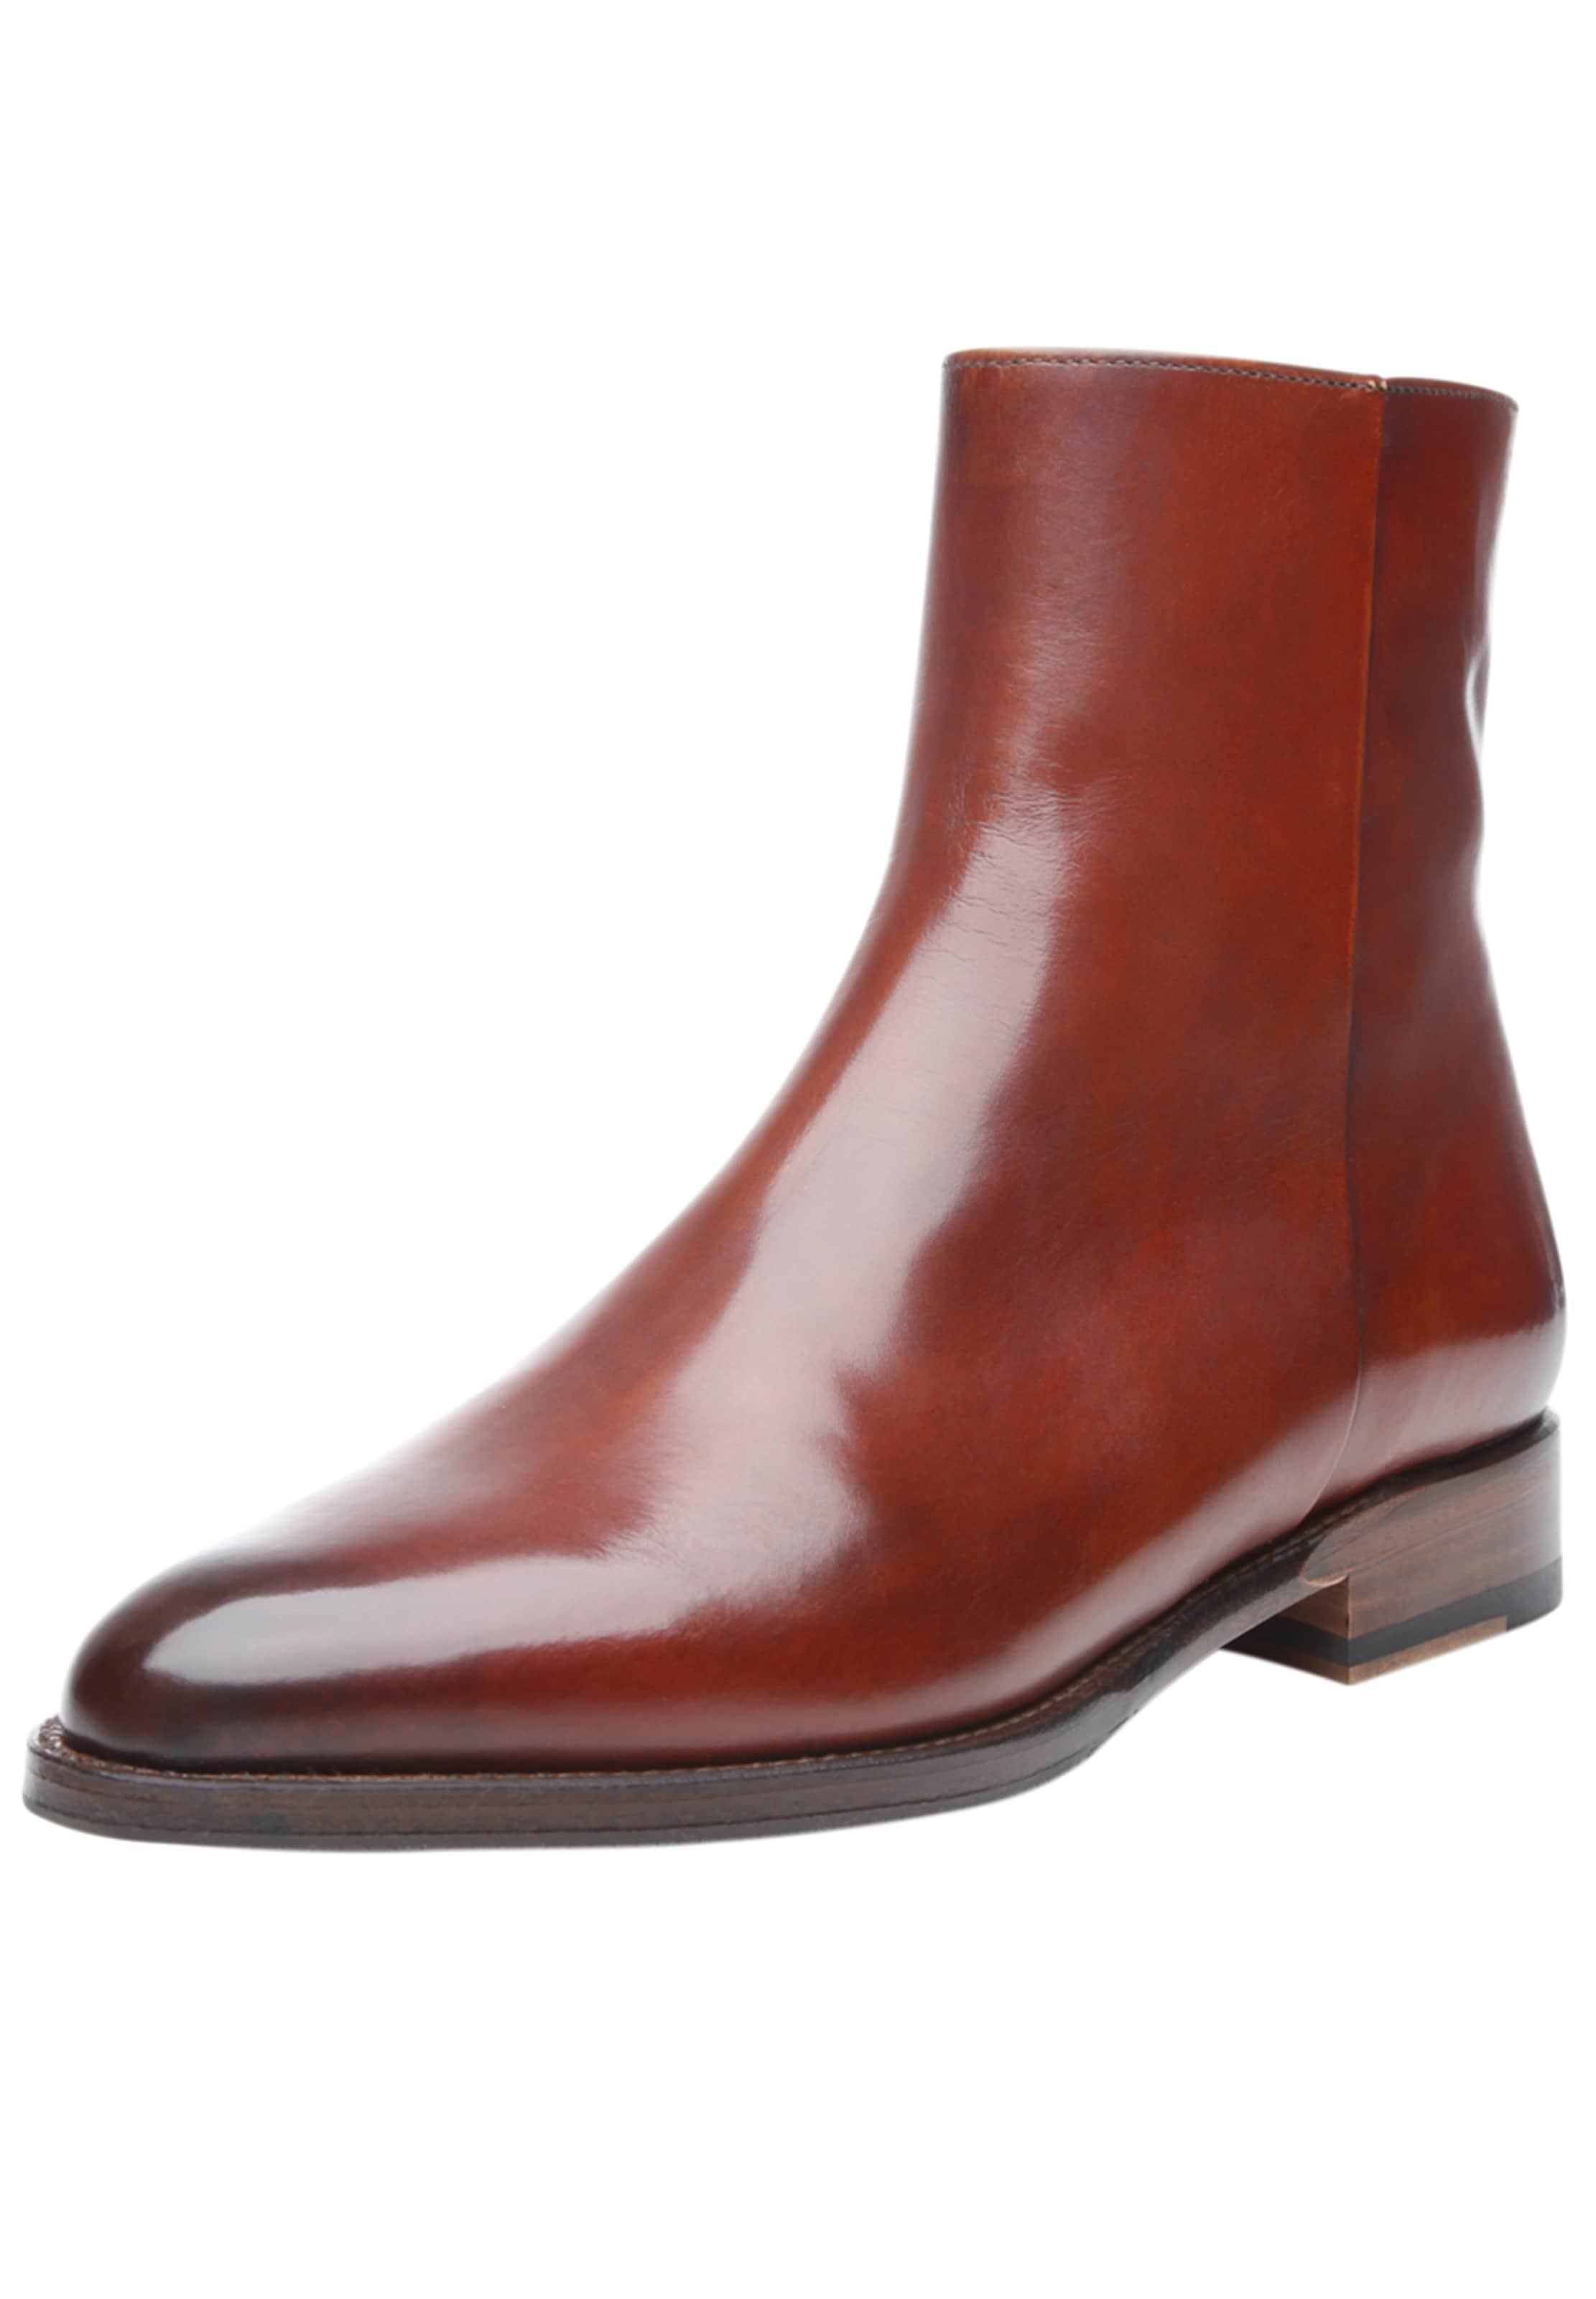 ' In Braun Stiefeletten Shoepassion No2352 hCtxQrsd